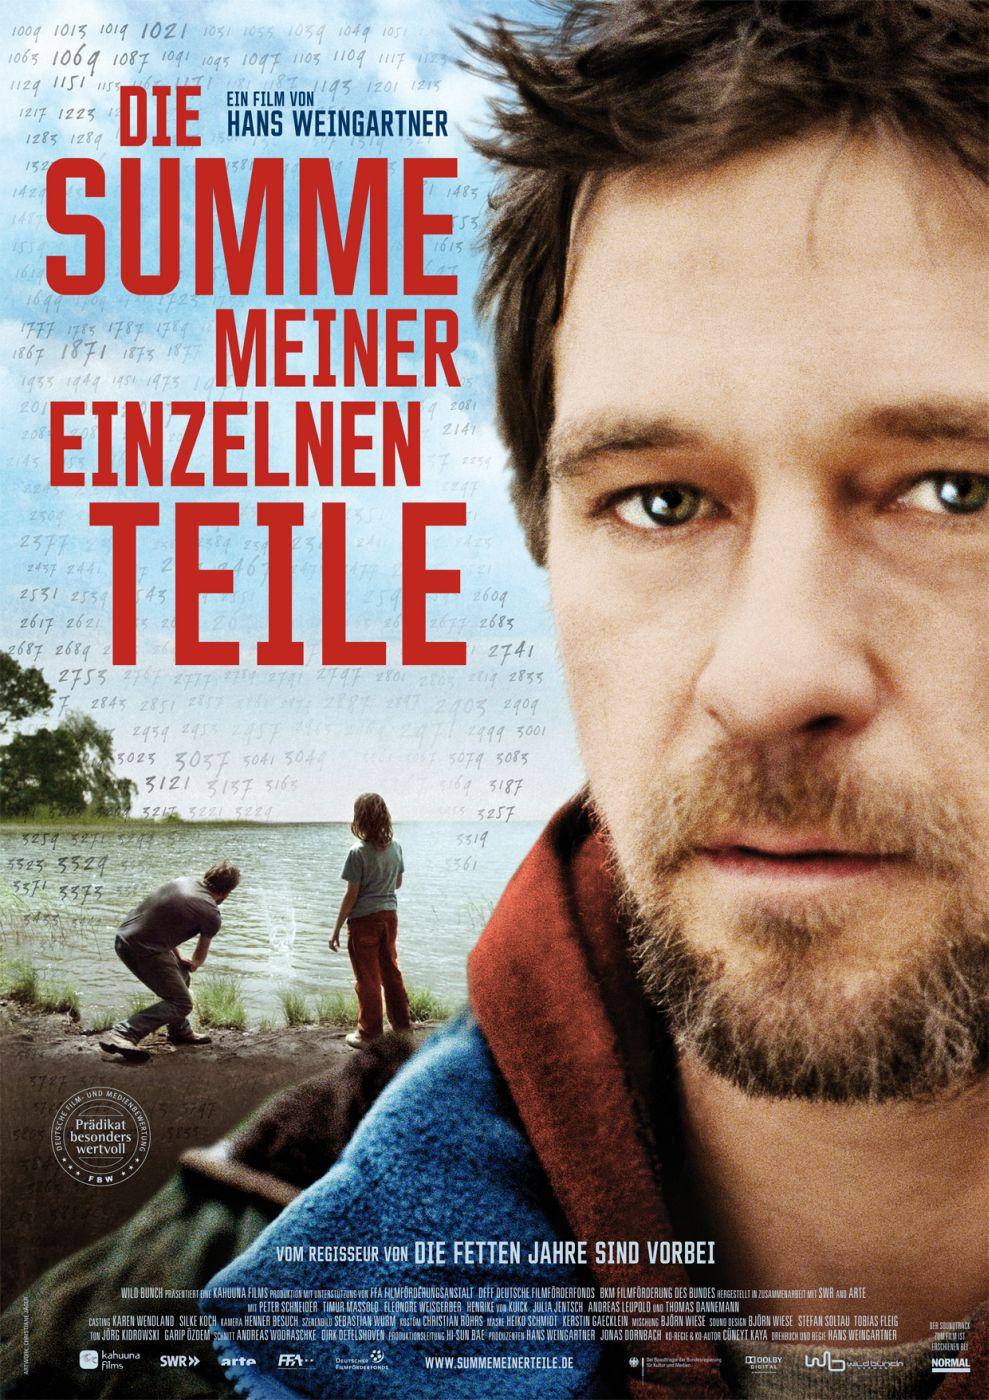 Film  Die Summe meiner einzelnen Teile  Deutsche Filmbewertung und Medienbewertung FBW